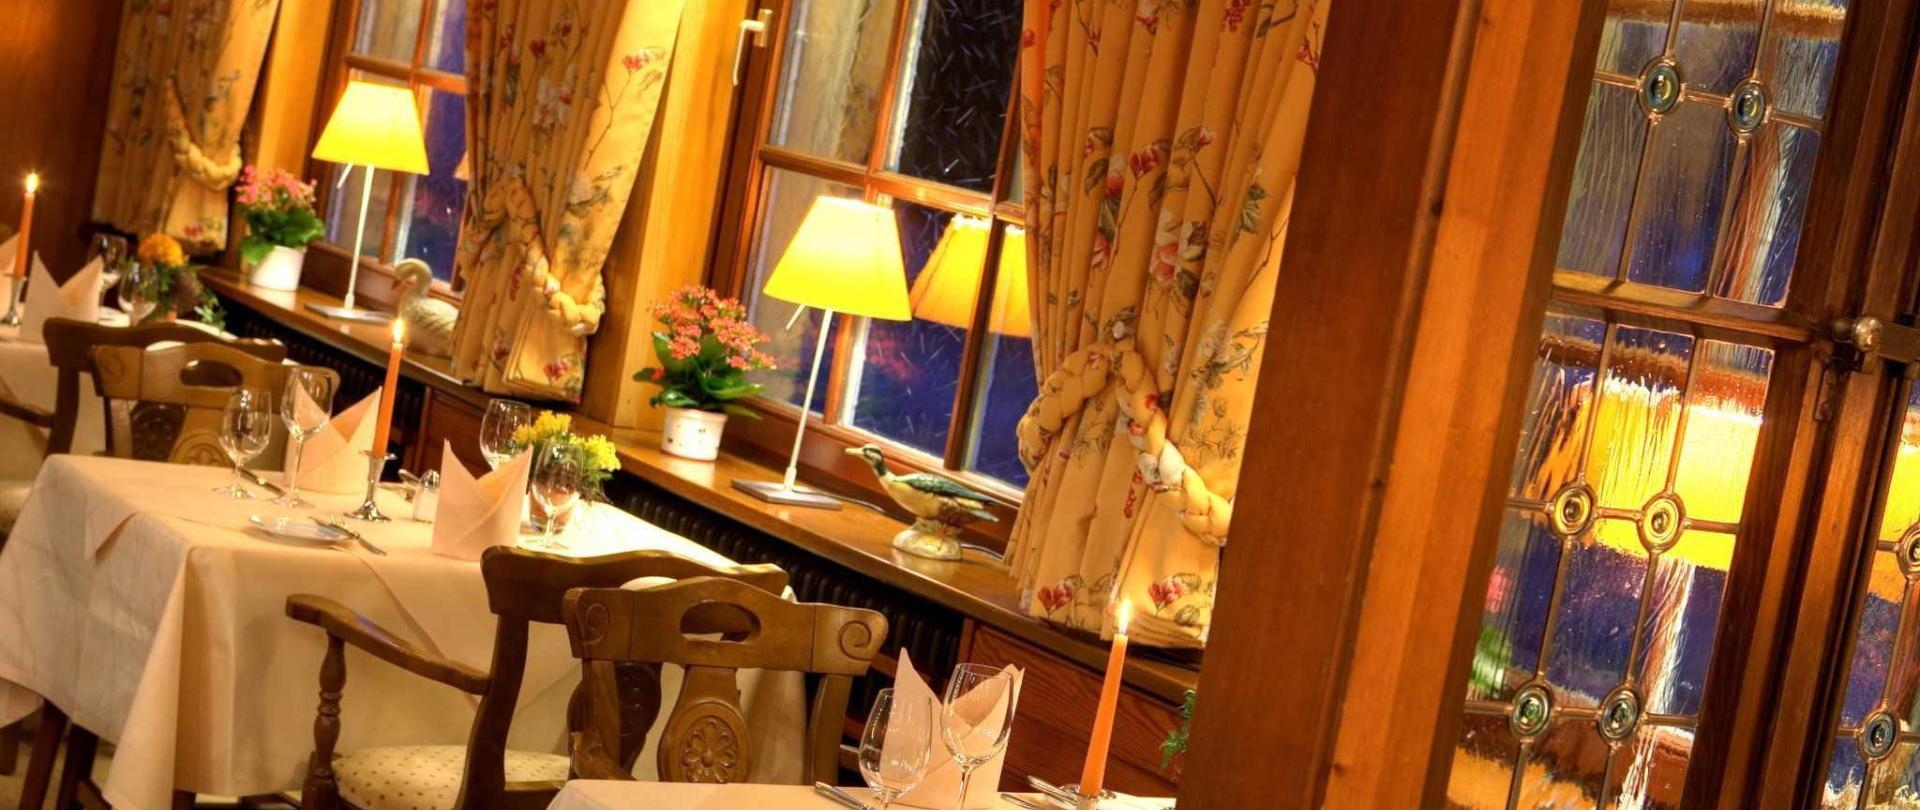 restaurant-003-3.jpg